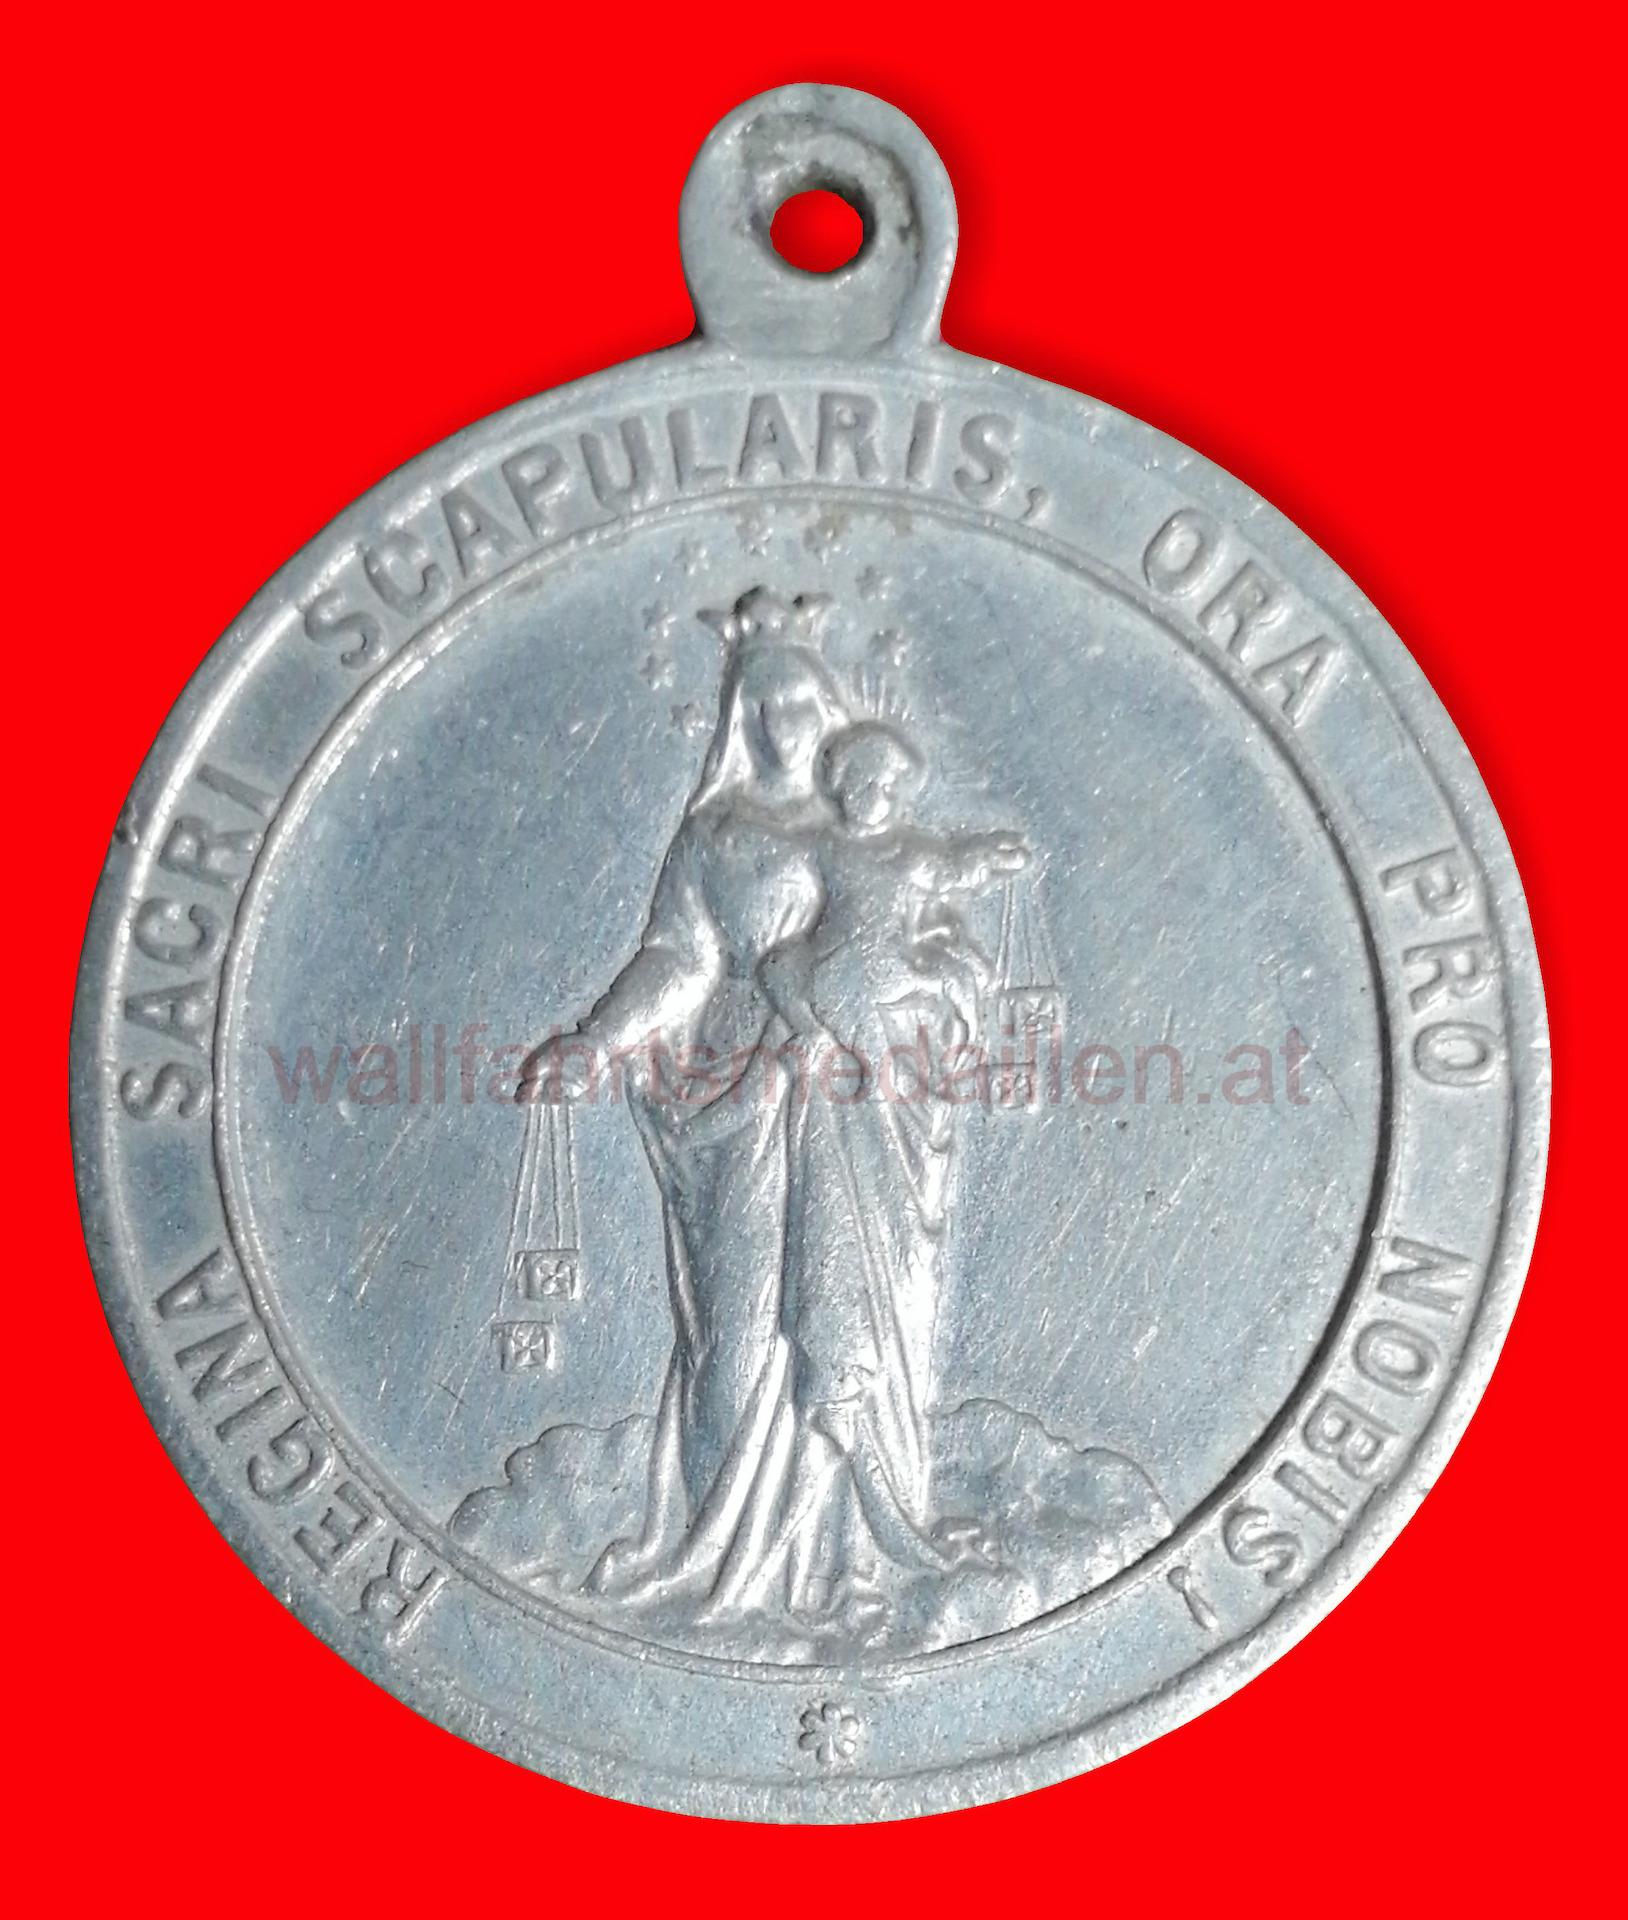 Skapulier Medaille